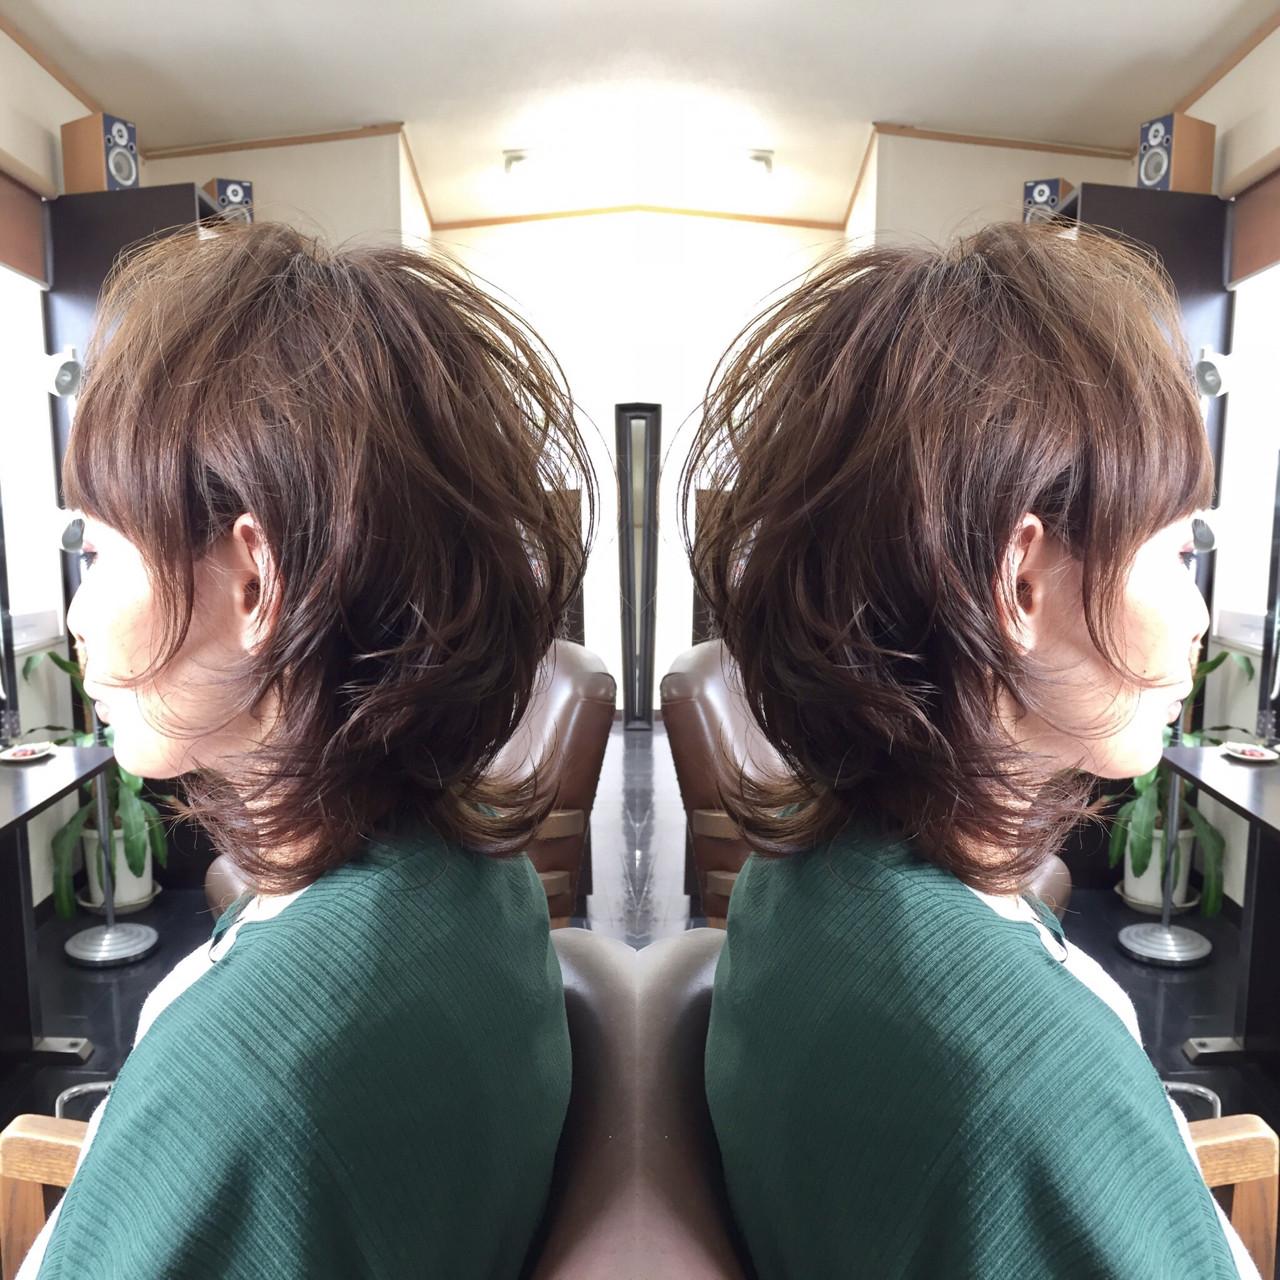 ウェーブ デート ゆるふわ かわいい ヘアスタイルや髪型の写真・画像